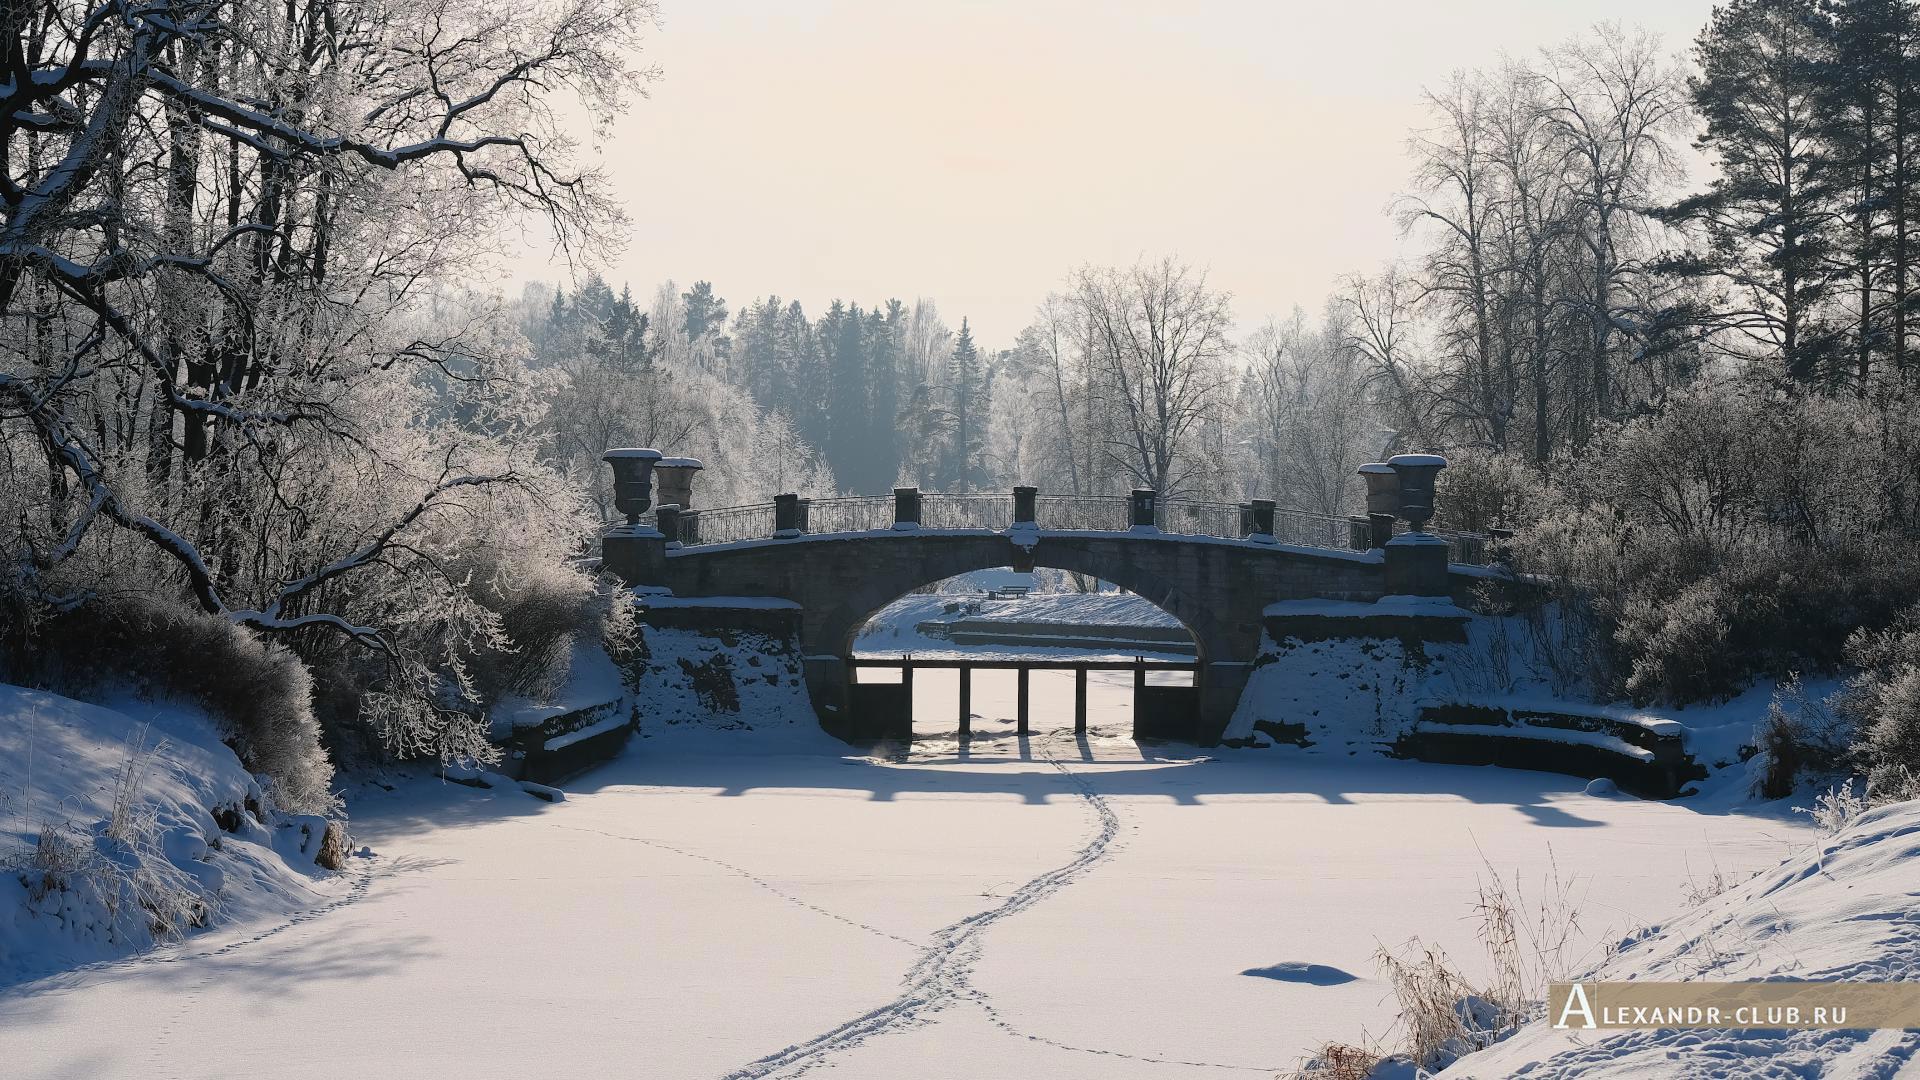 Павловск, зима, Павловский парк, Висконтиев мост